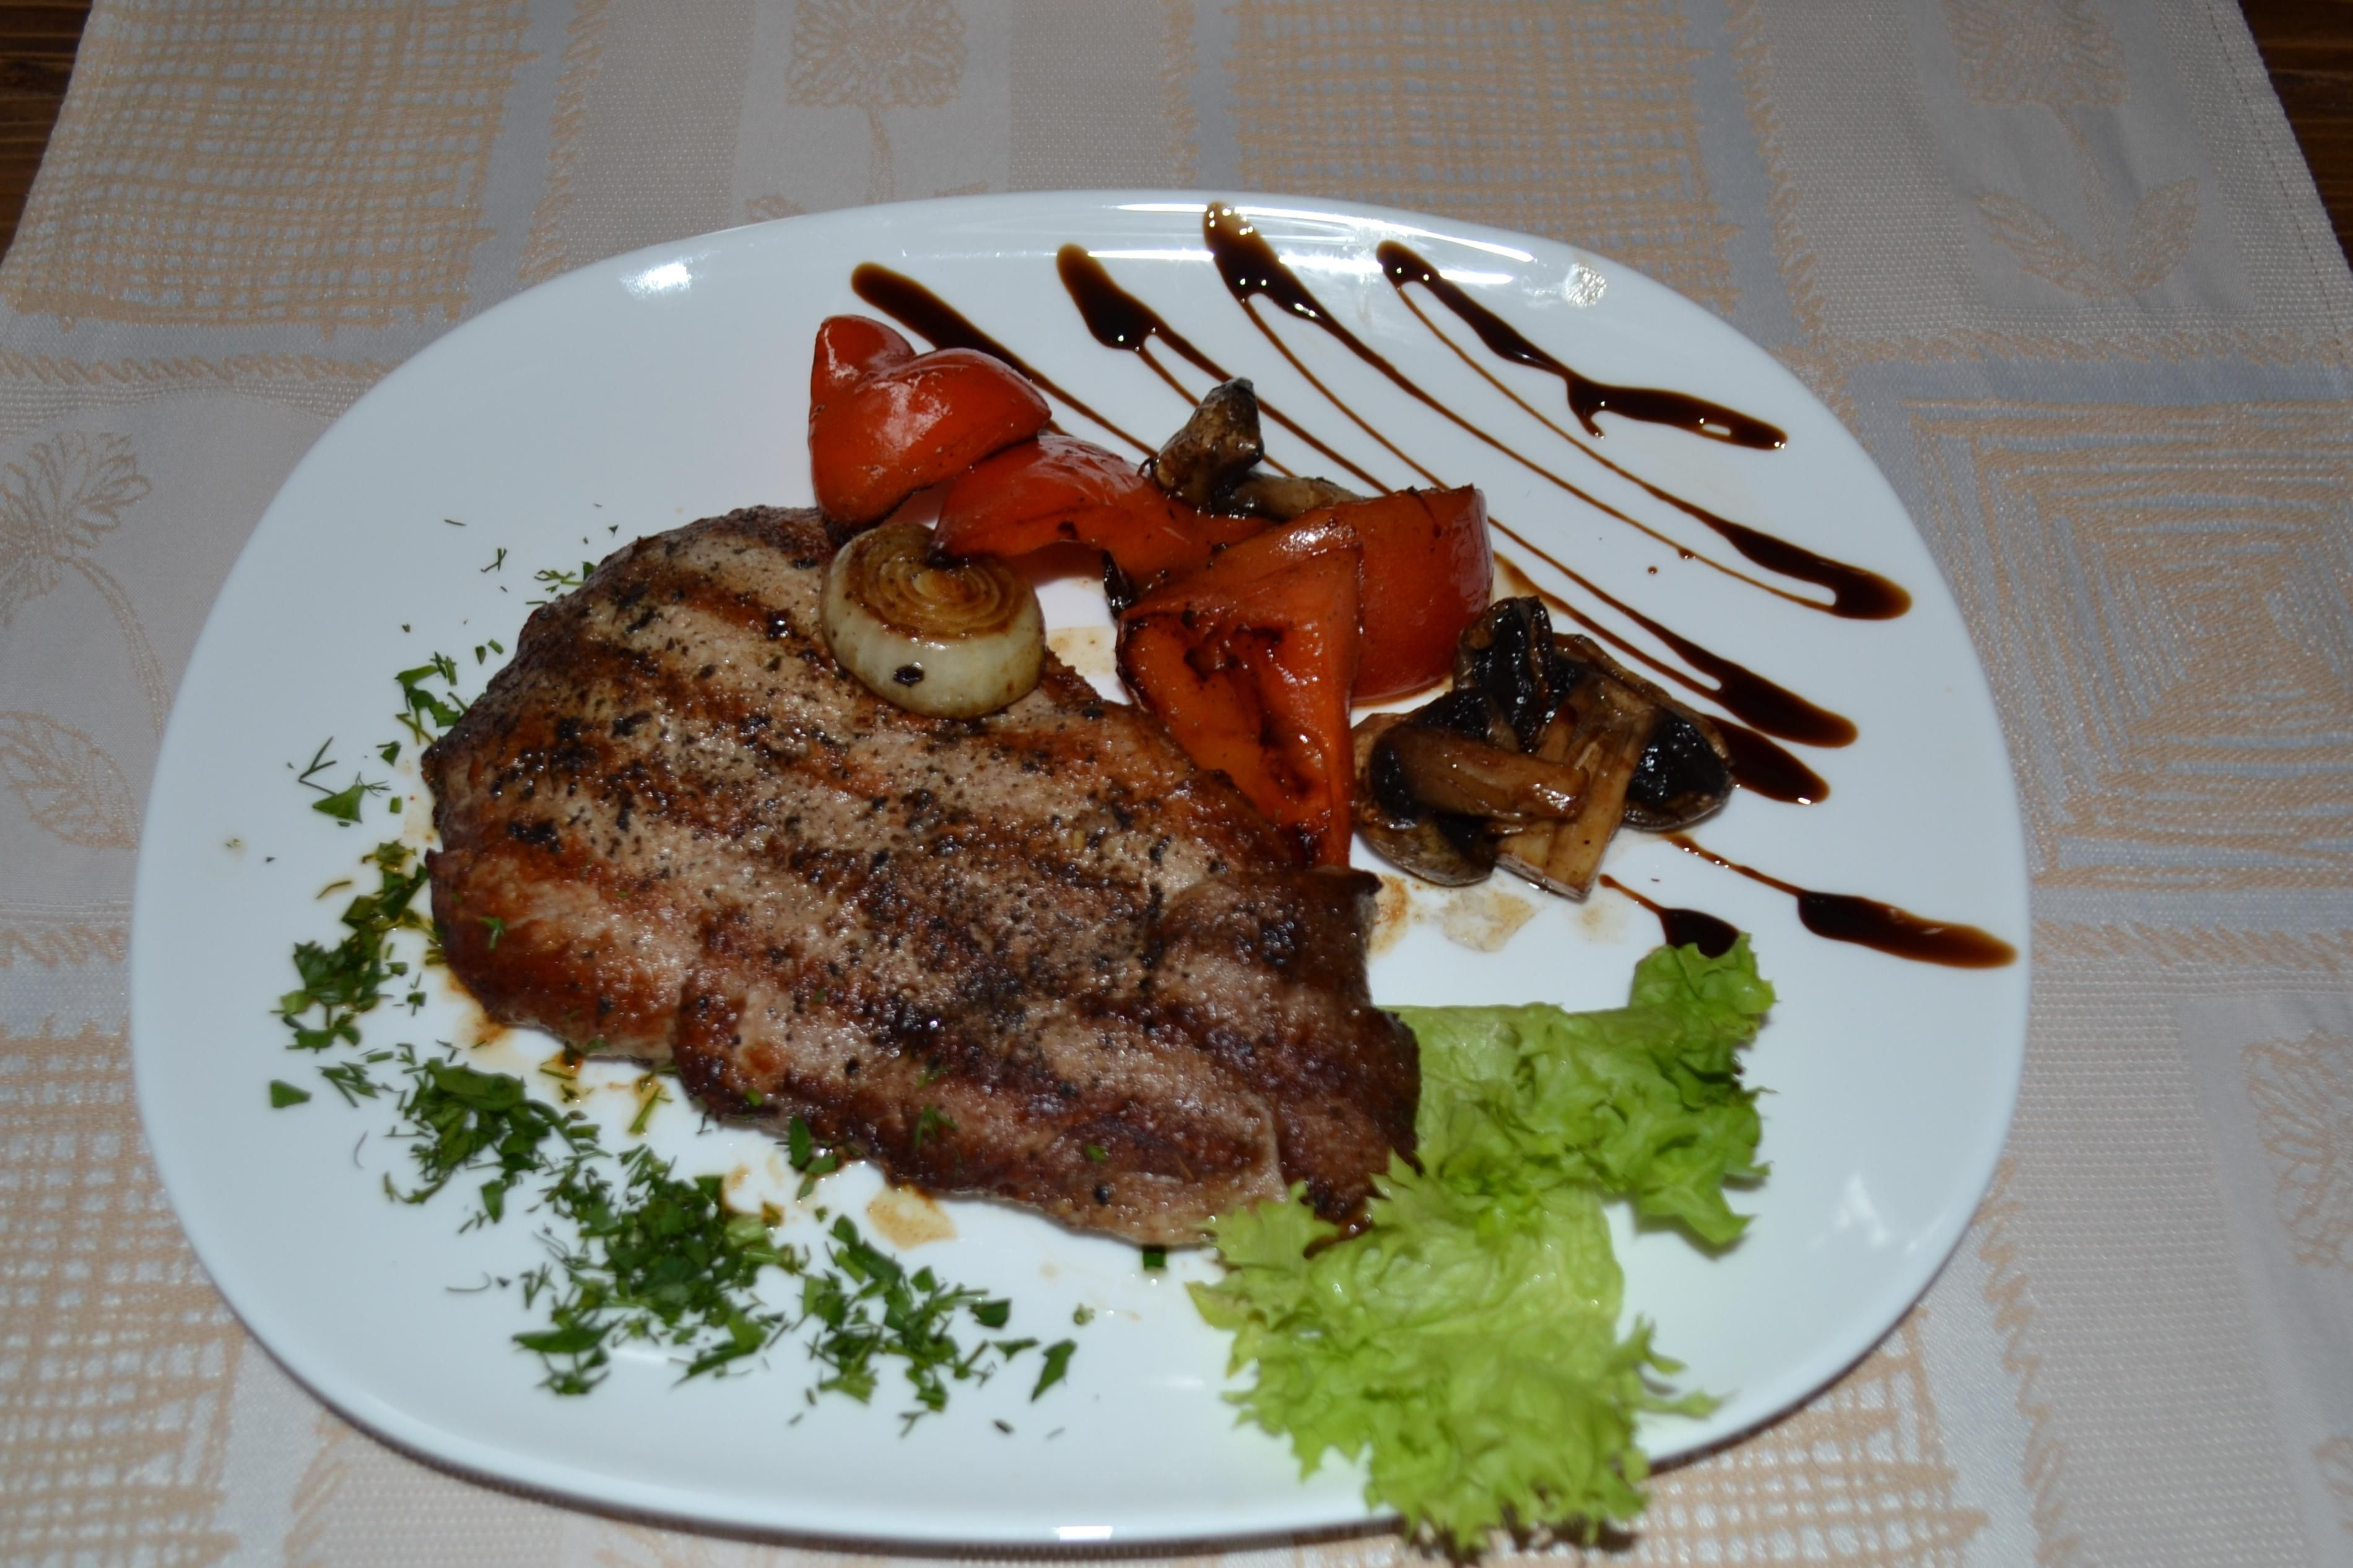 Викласти стейк з овочами на тарілку, прикрасити страву заленню